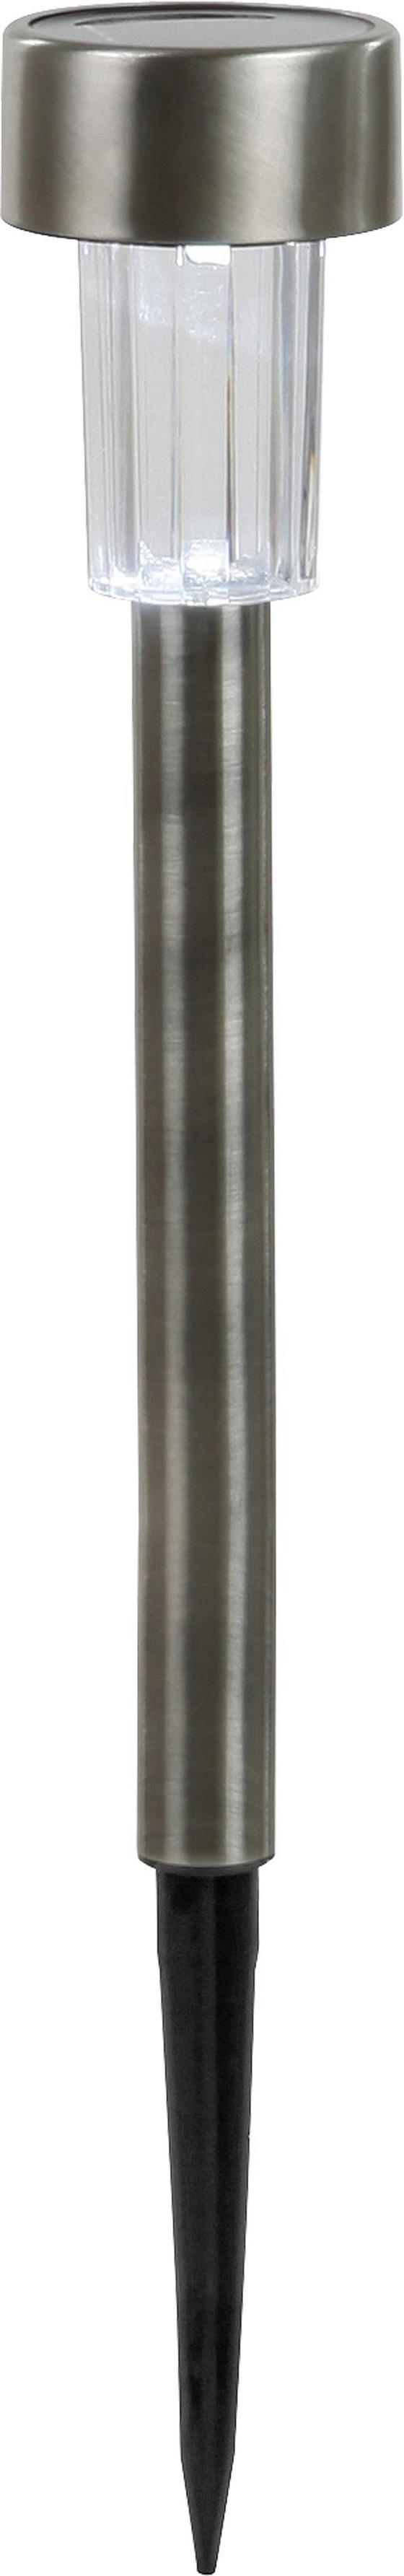 Solarleuchte Leo - Silberfarben, KONVENTIONELL, Kunststoff/Metall (5,5/36,5cm) - Homezone